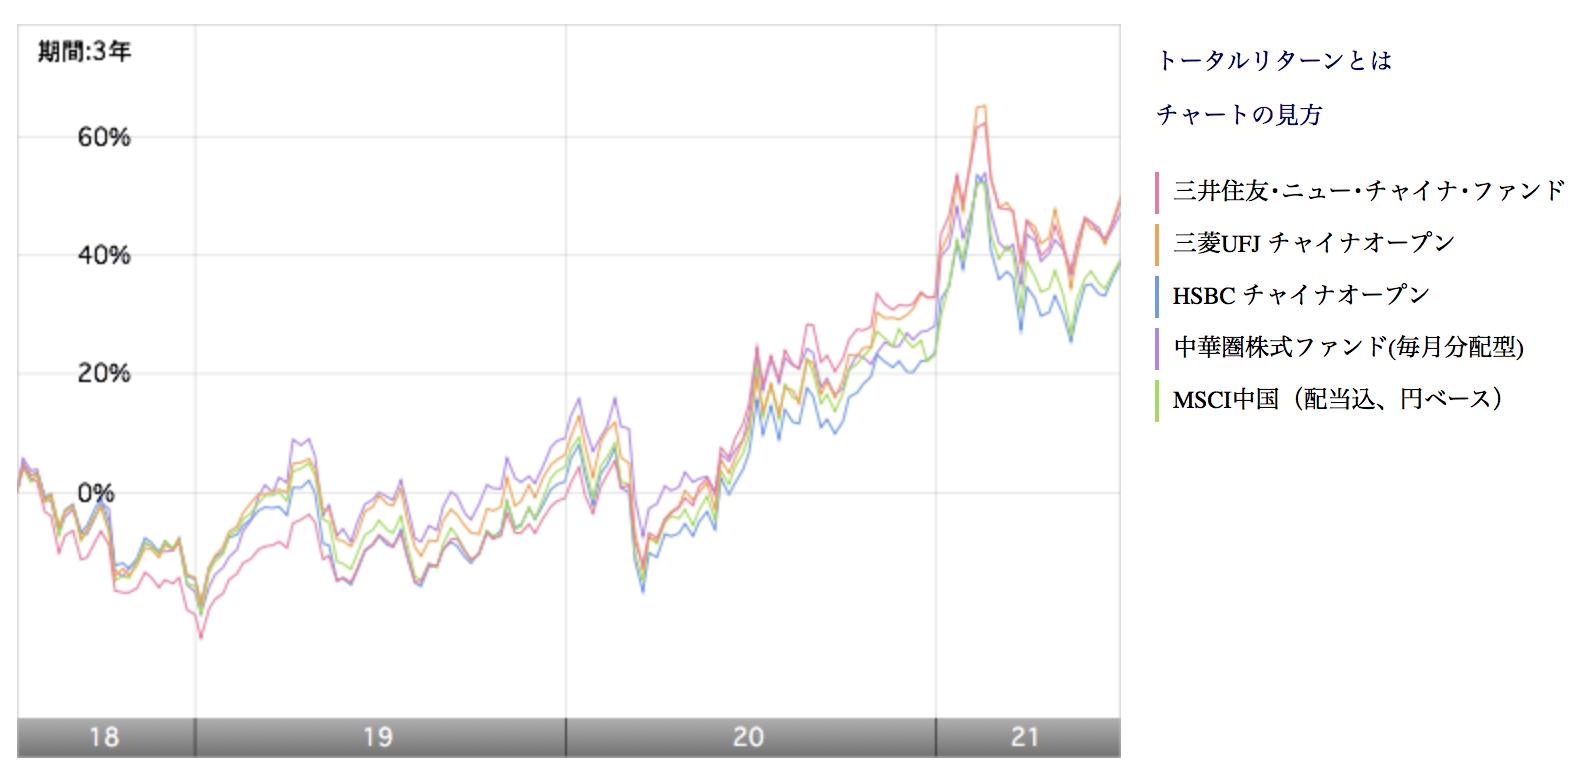 三井住友ニューチャイナファンドのリターンを他の投資信託と比較